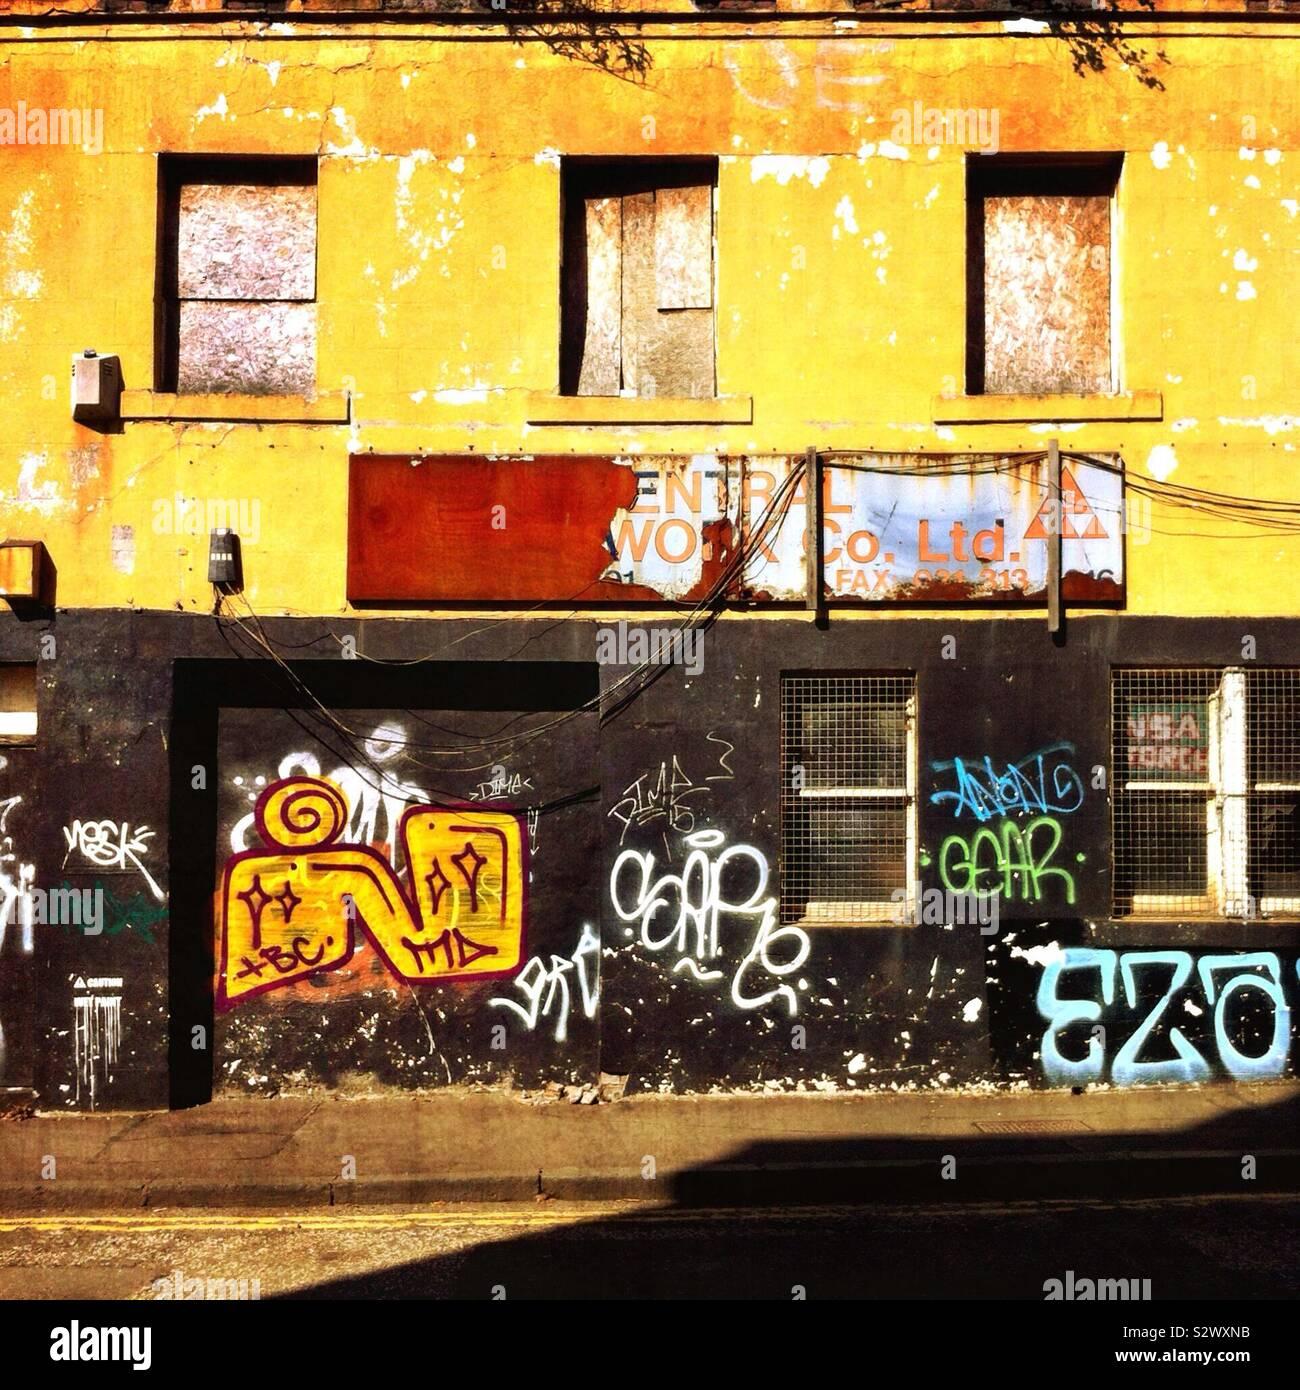 Grunge urbain scène de rue avec graffiti Banque D'Images